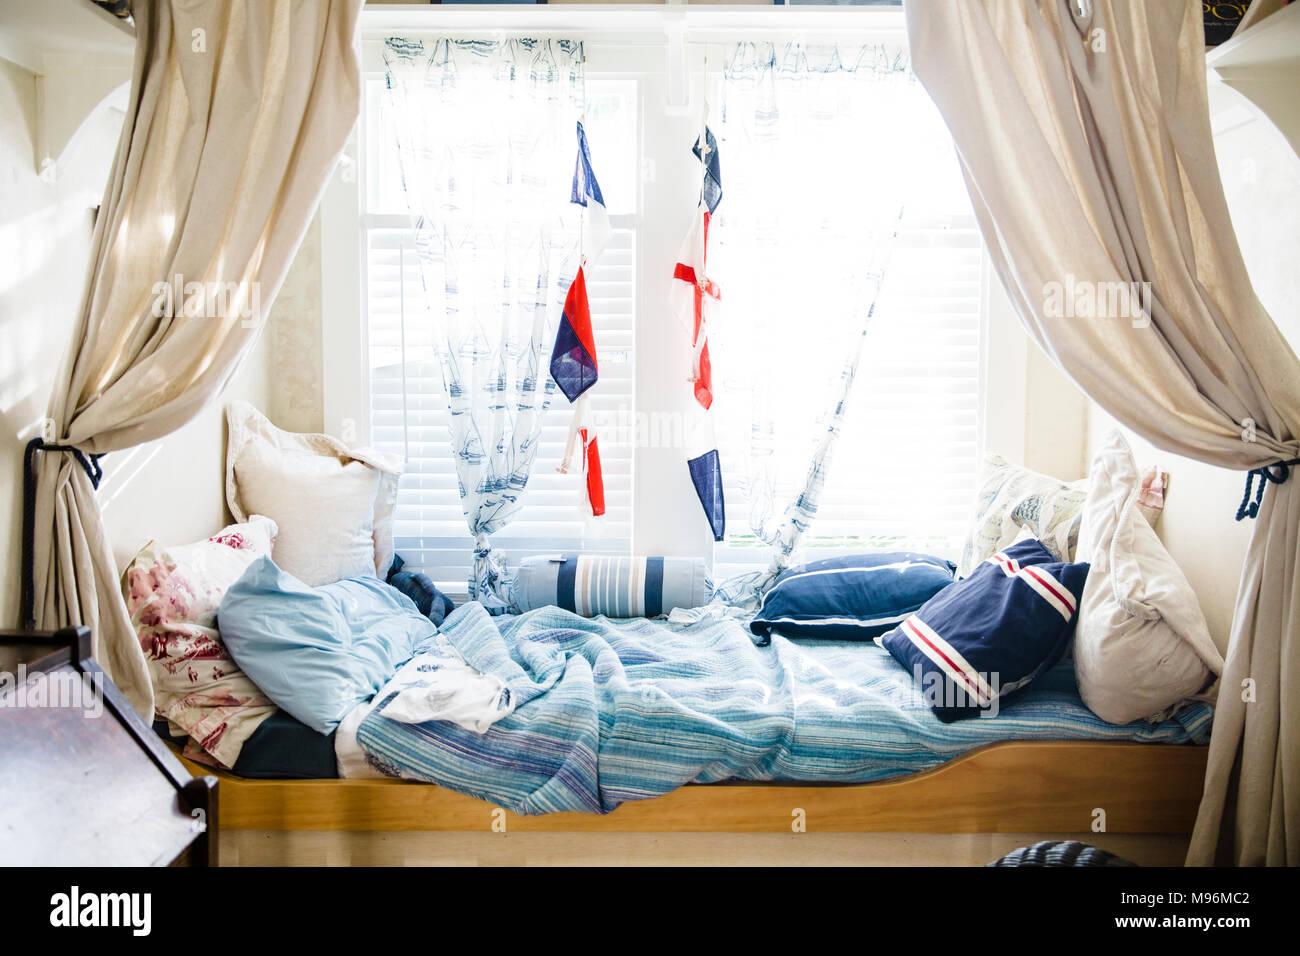 Estilo náutico sala de cama de criança Imagens de Stock